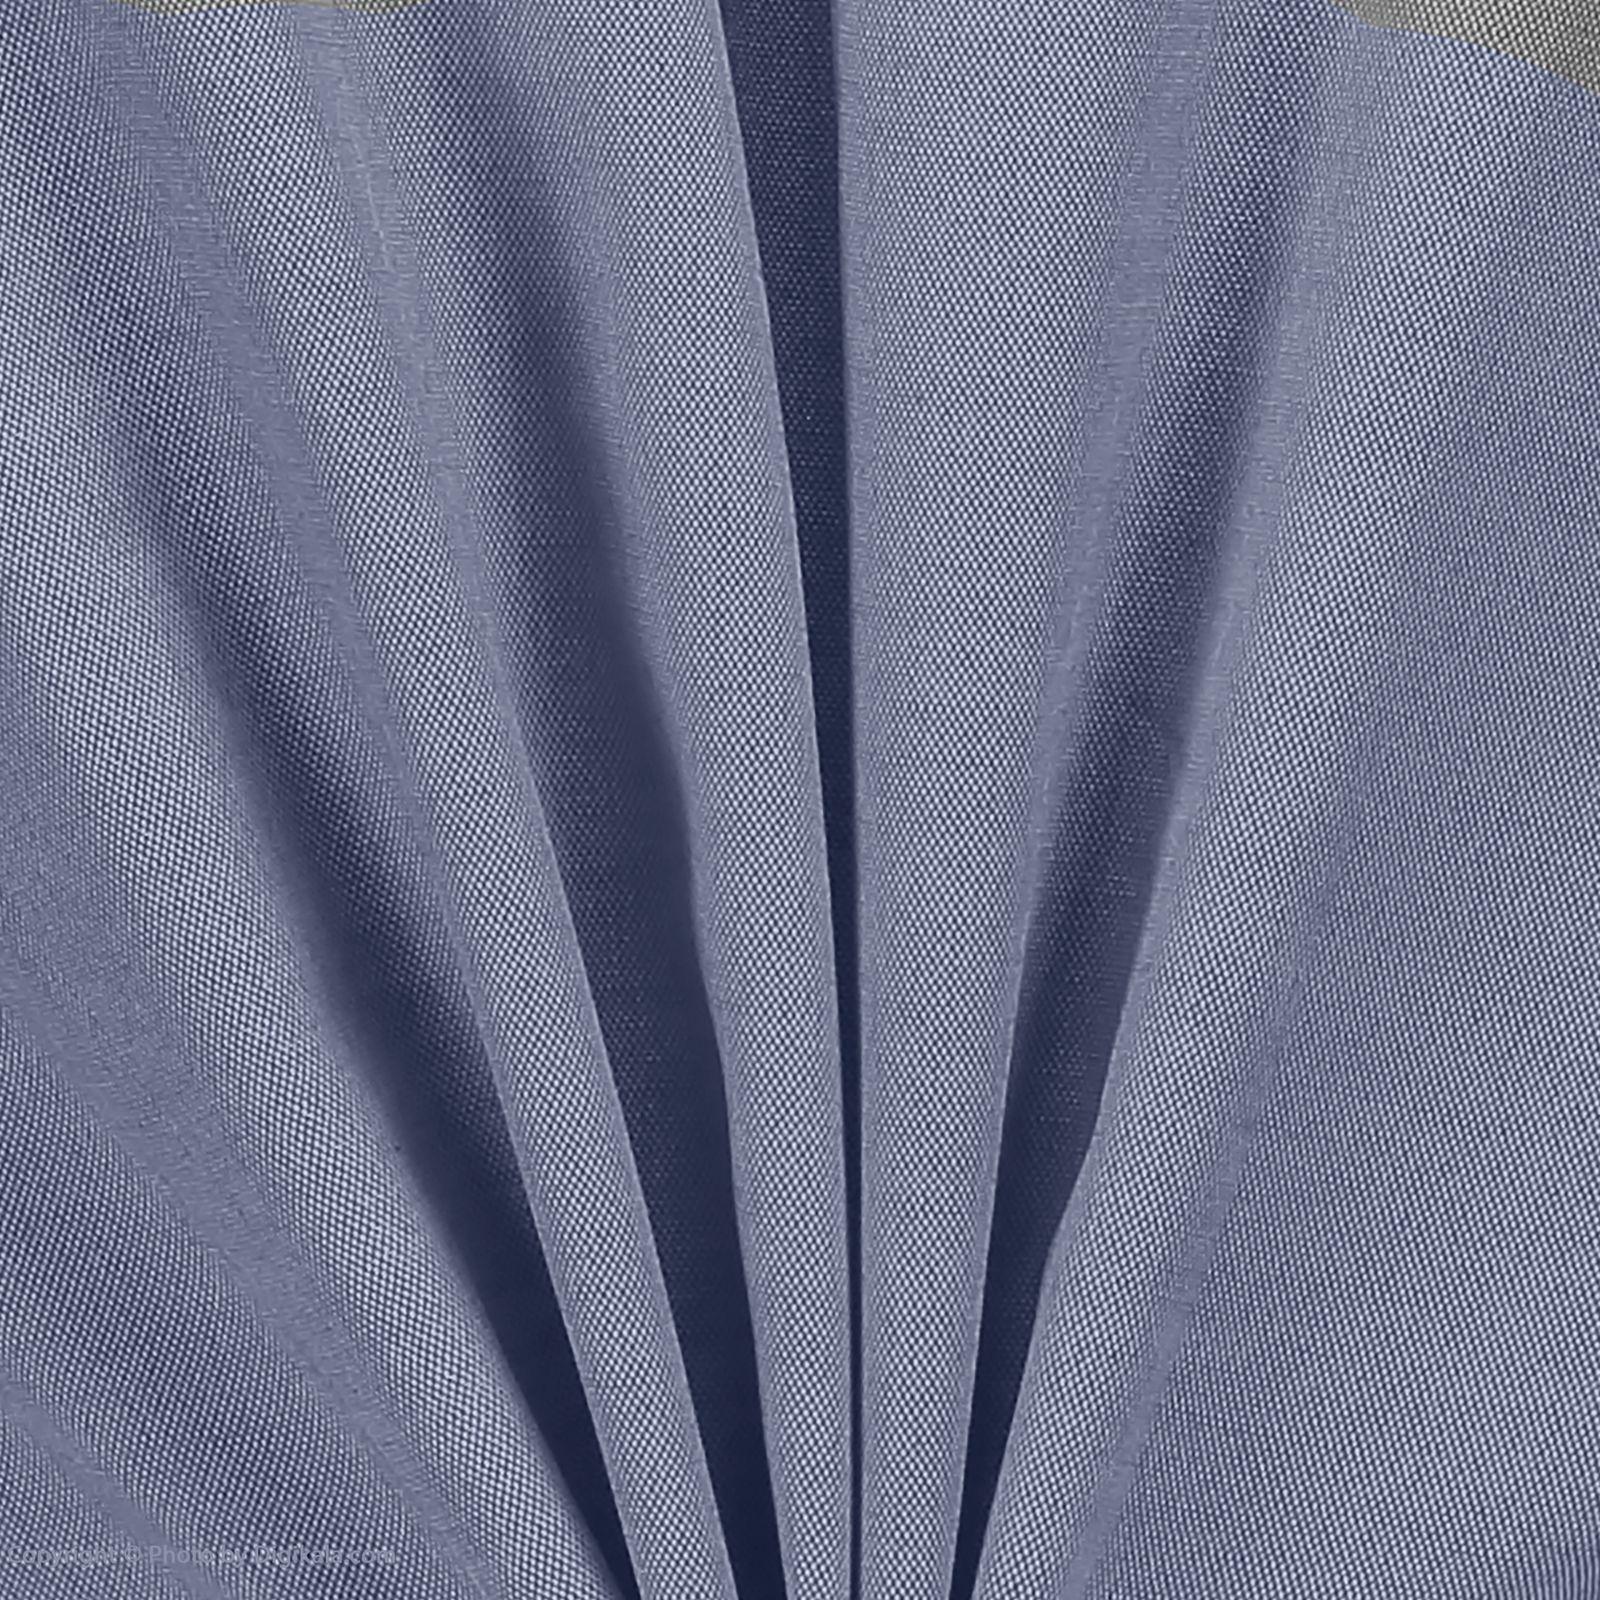 پیراهن مردانه زی مدل 153118650 -  - 5